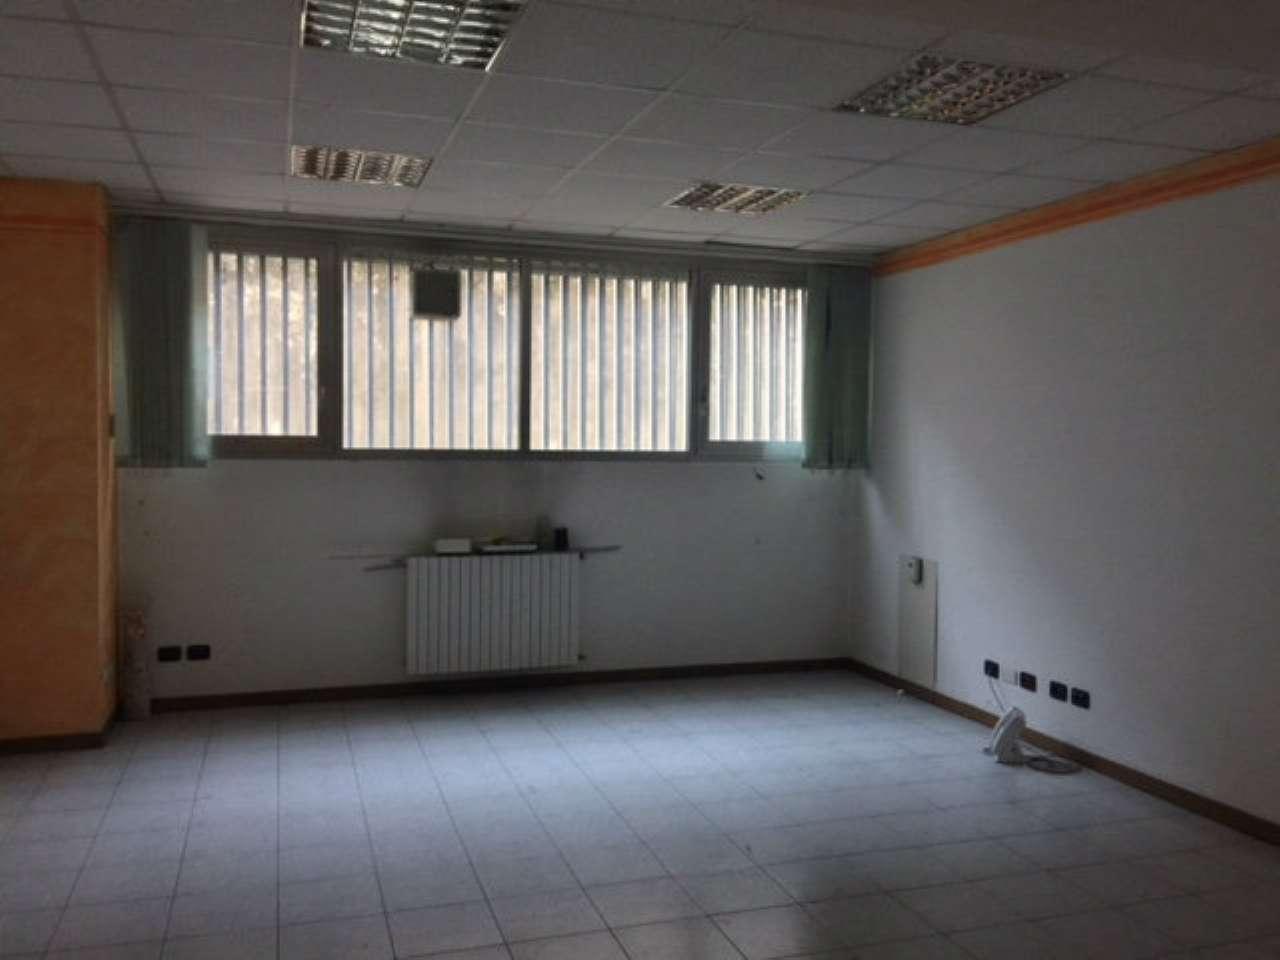 Laboratorio in vendita a Cinisello Balsamo, 6 locali, prezzo € 158.000 | CambioCasa.it